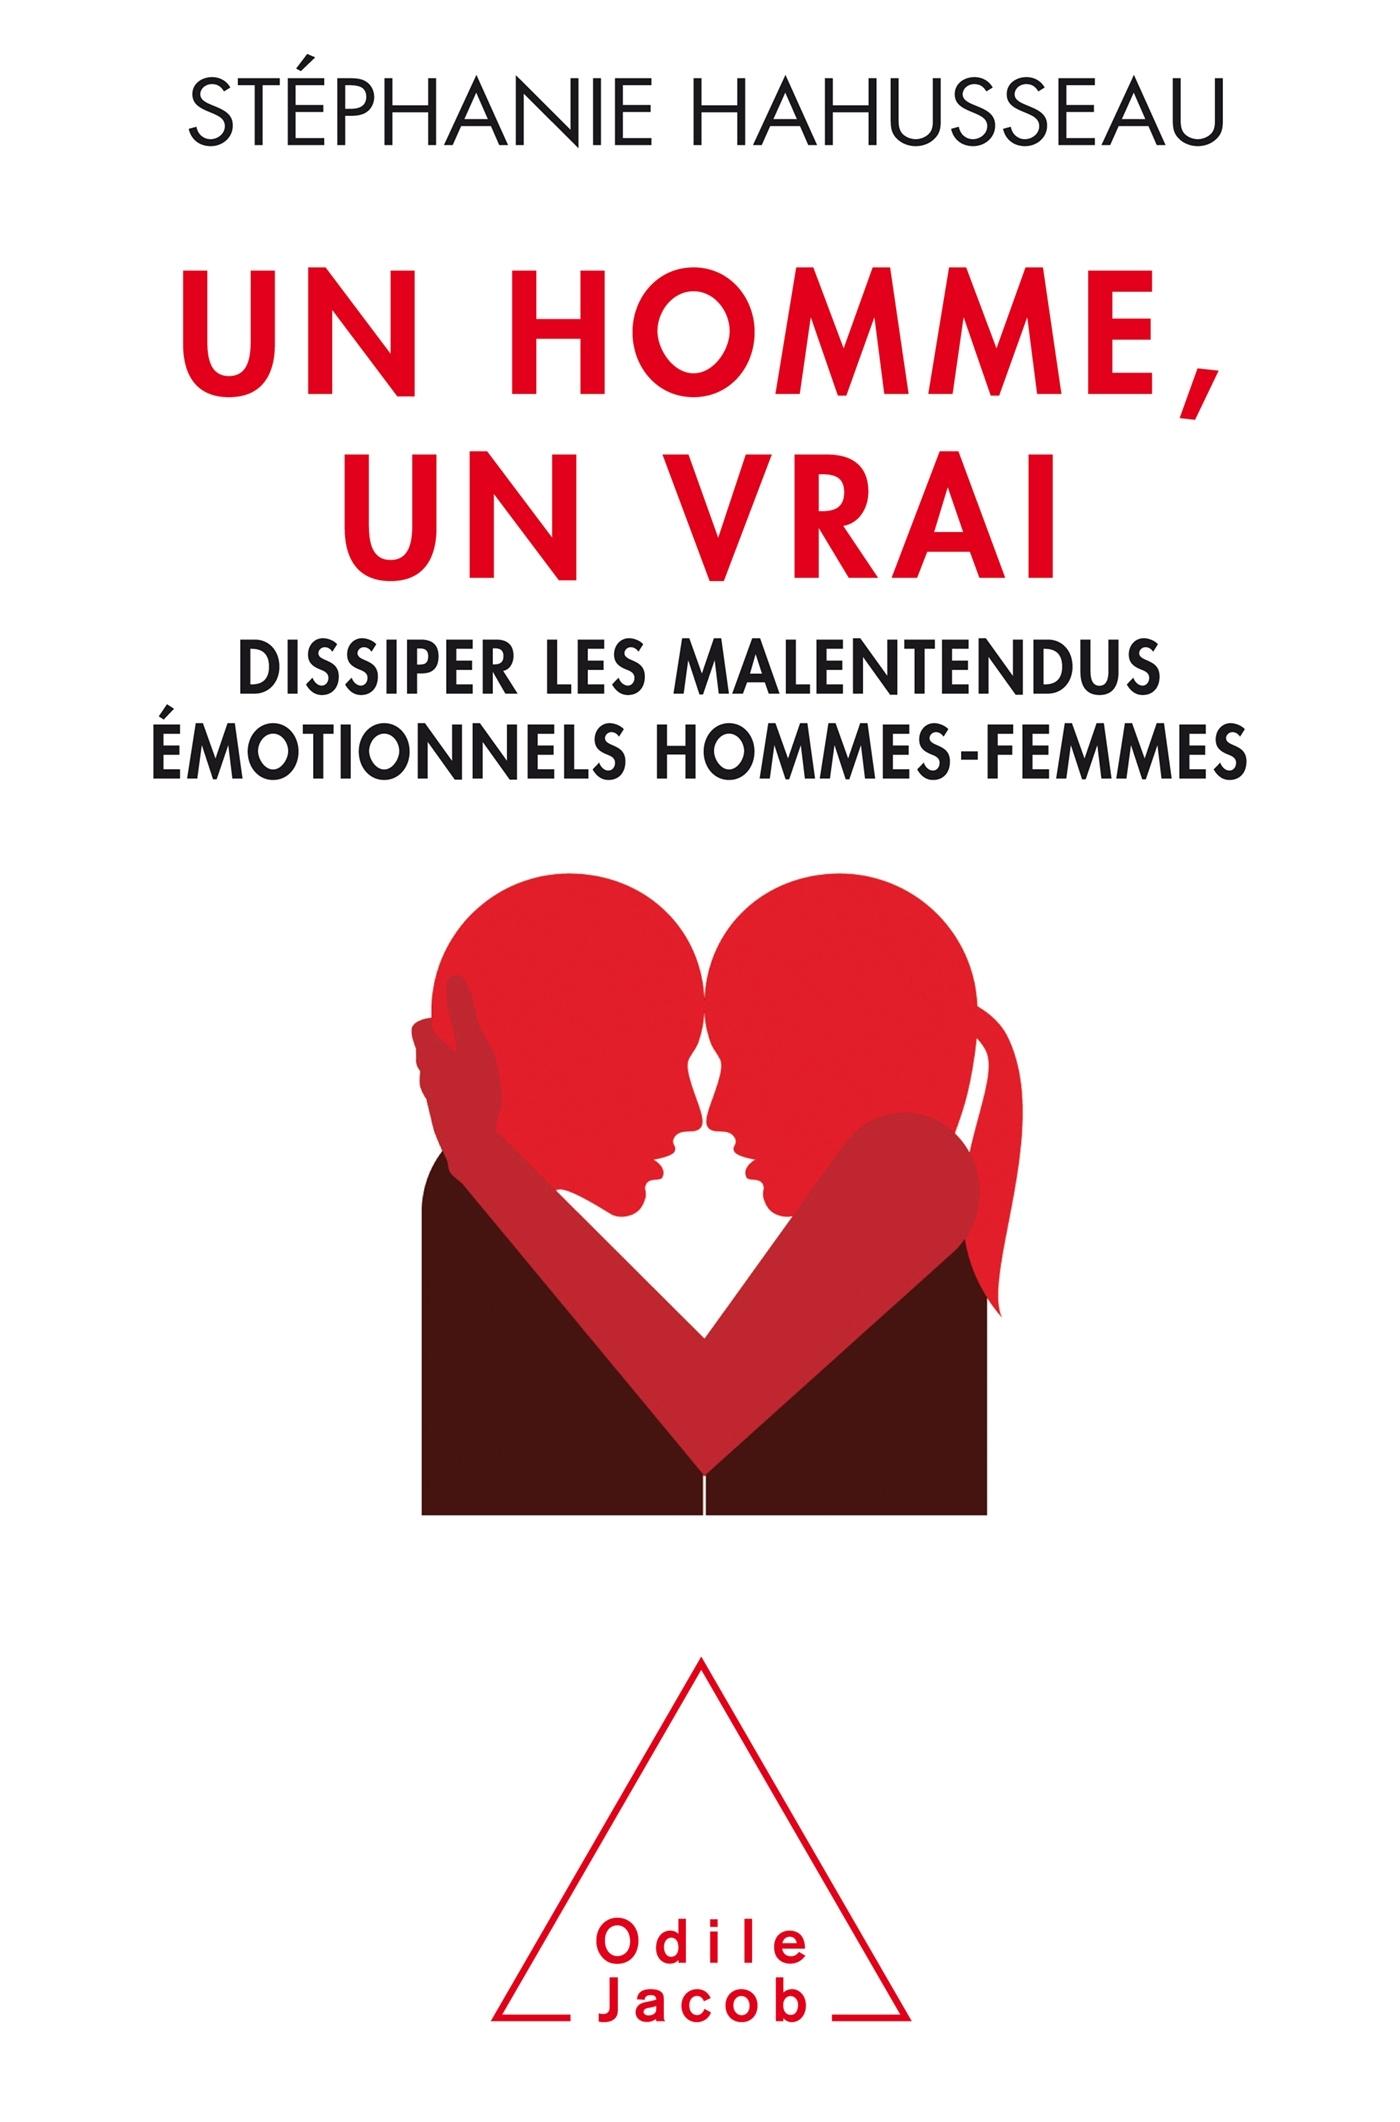 UN HOMME UN VRAI, DISSIPER LES MALENTENDUS EMOTIONNELS HOMMES-FEMMES